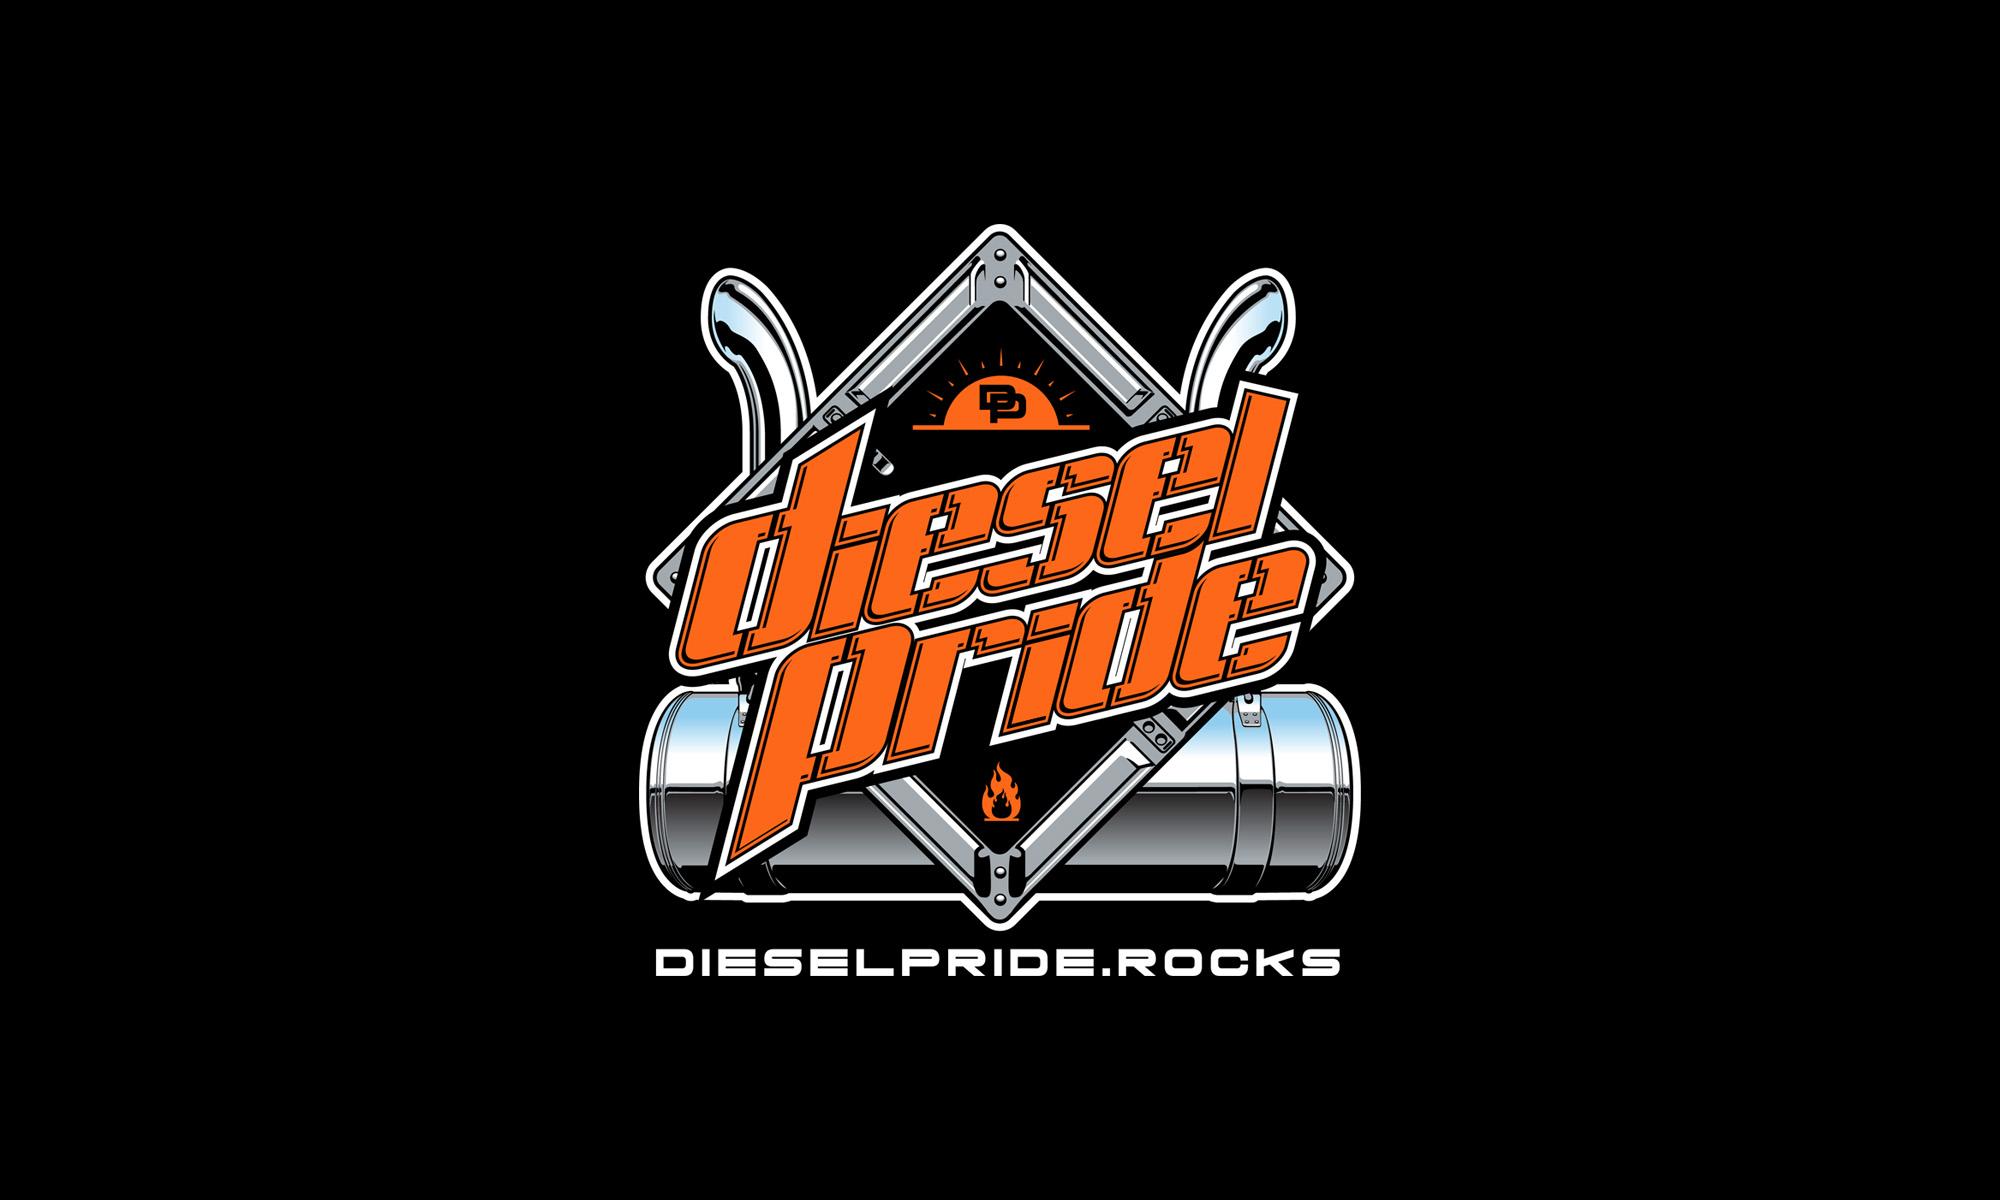 new design the placard diesel pride